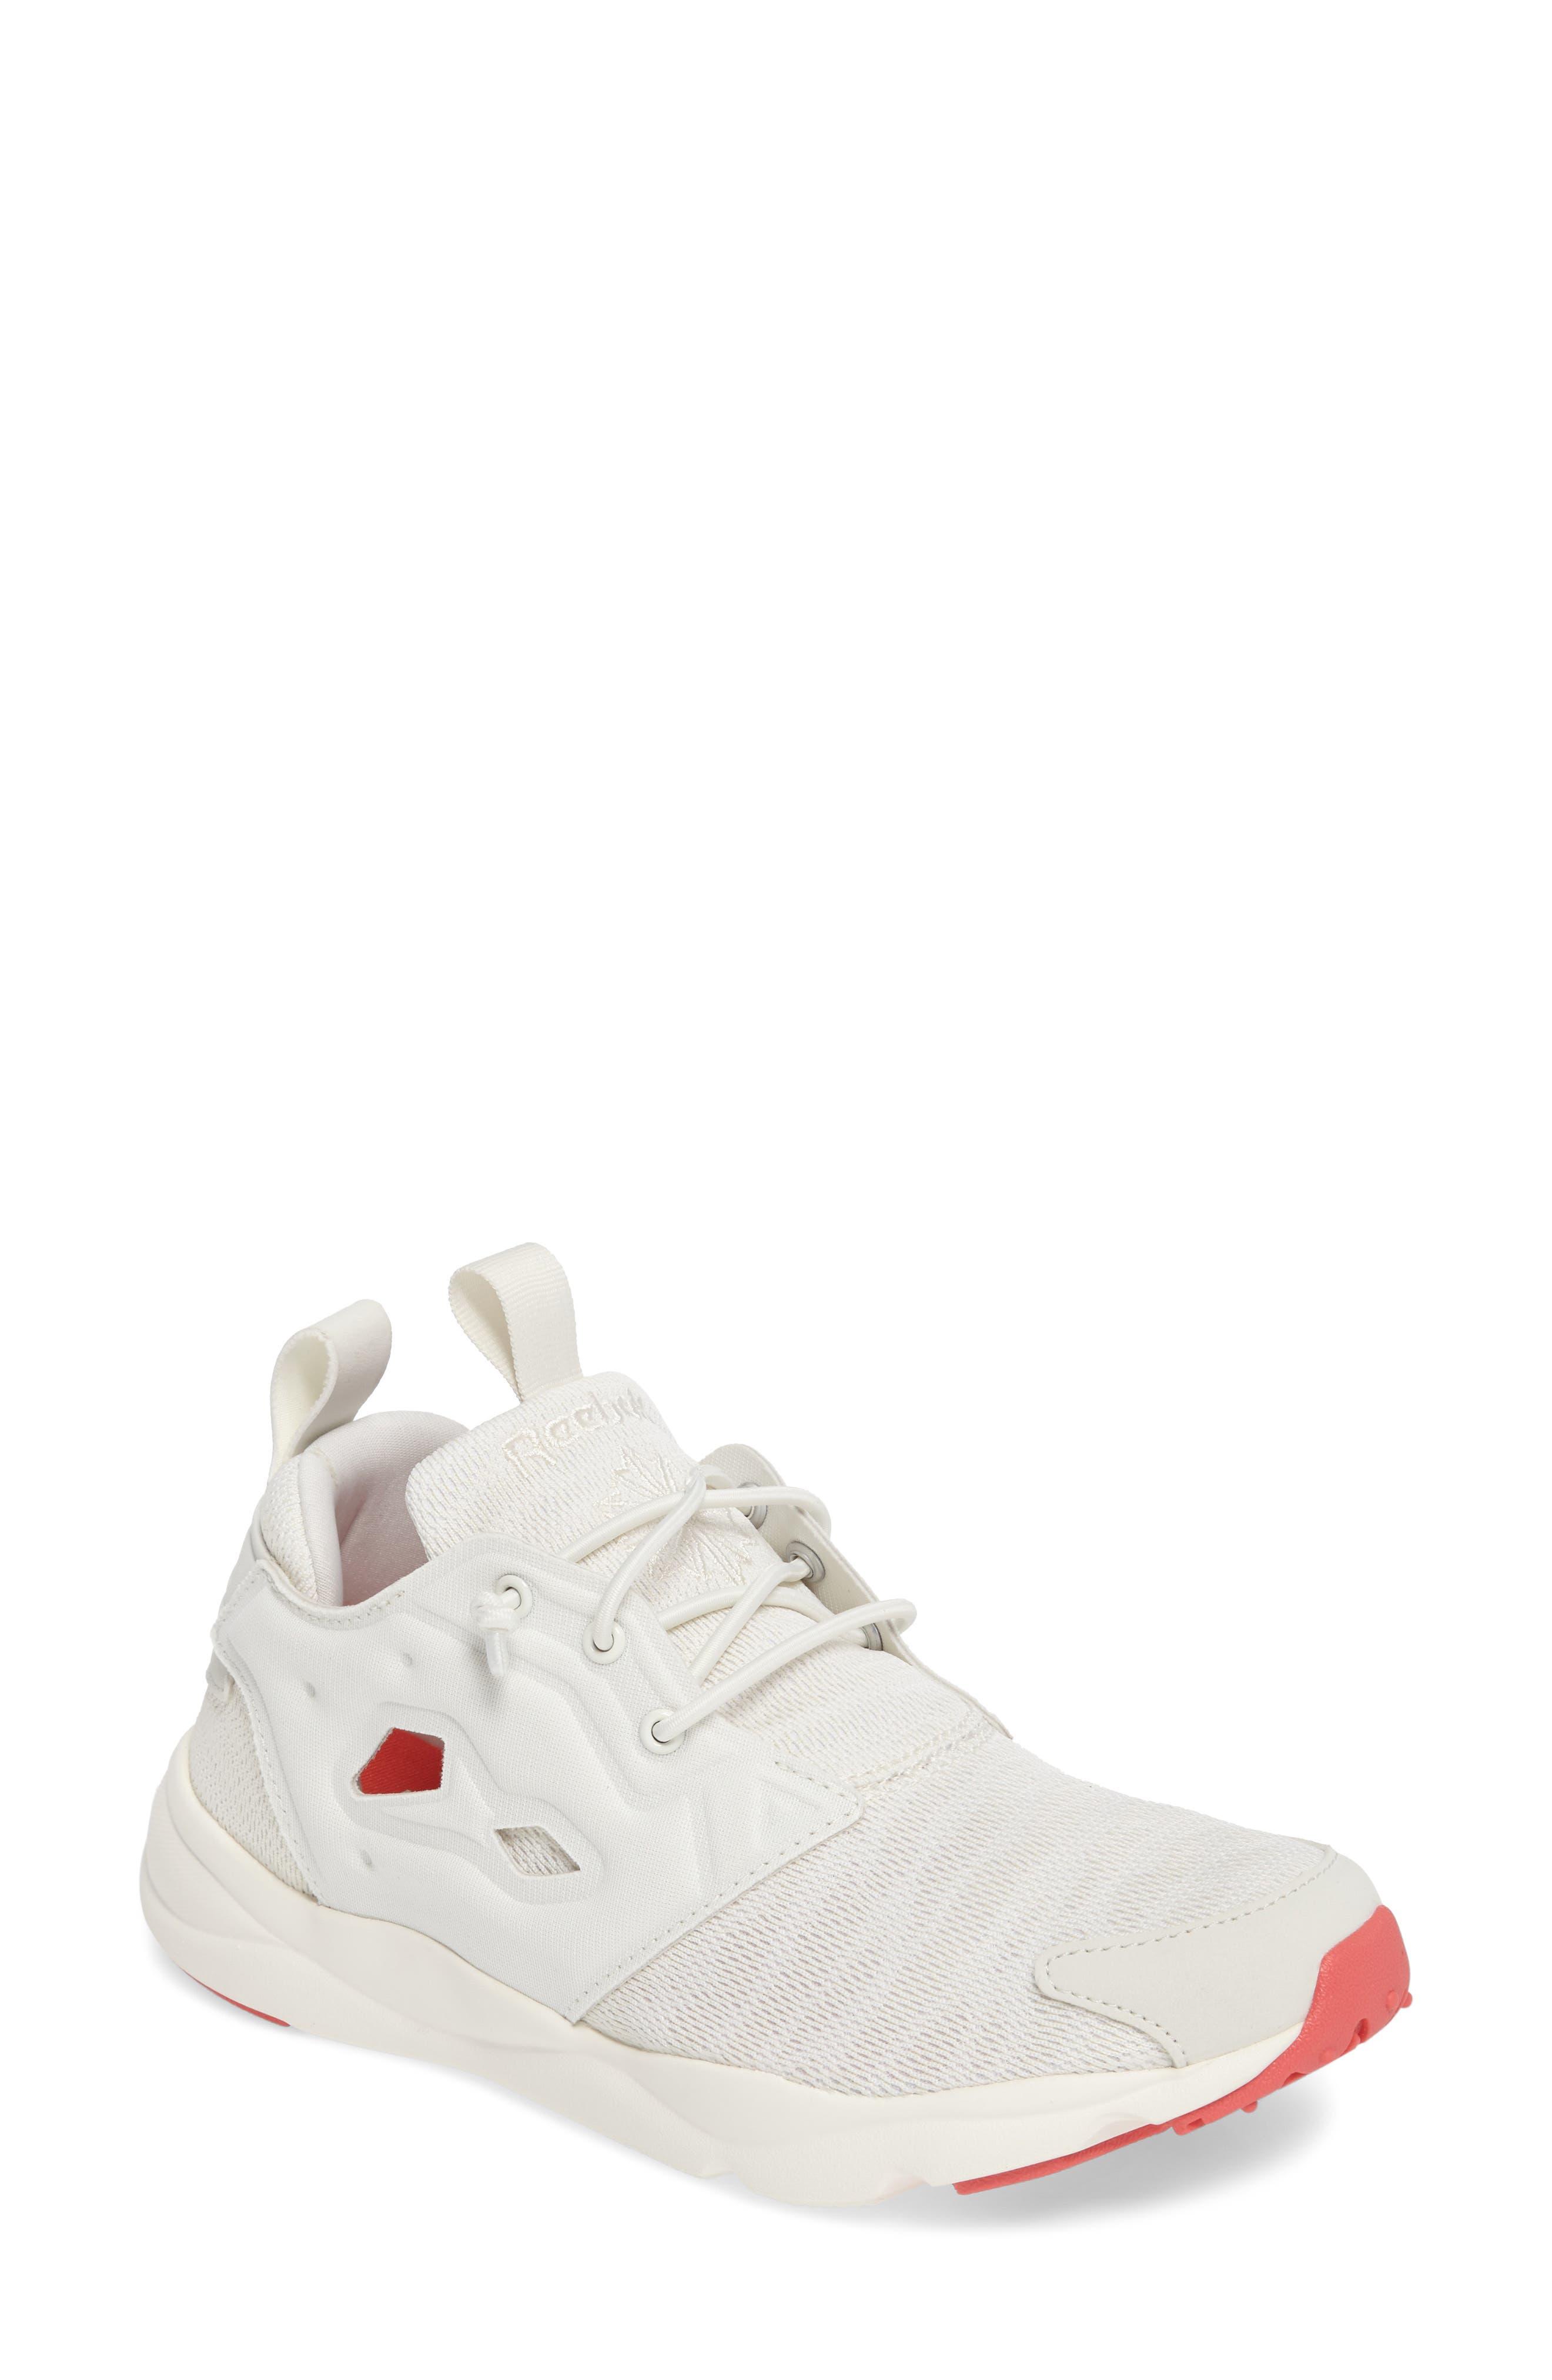 REEBOK Furylite Sneaker